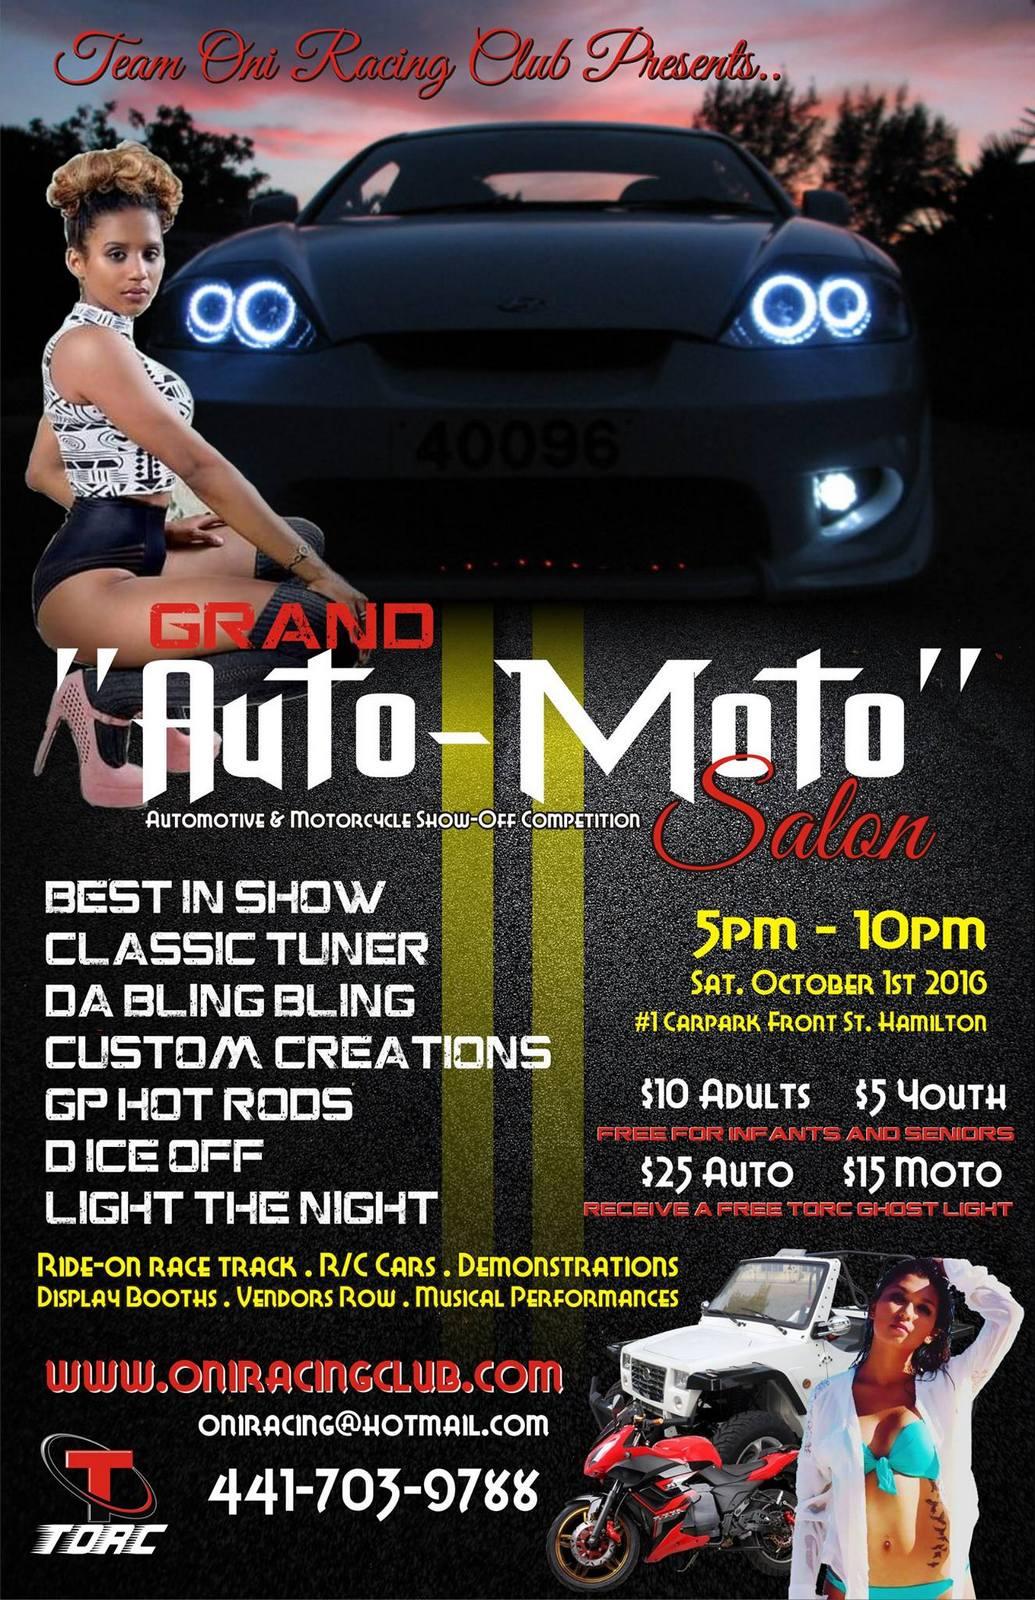 2016 TORC Grand Auto-Moto Salon